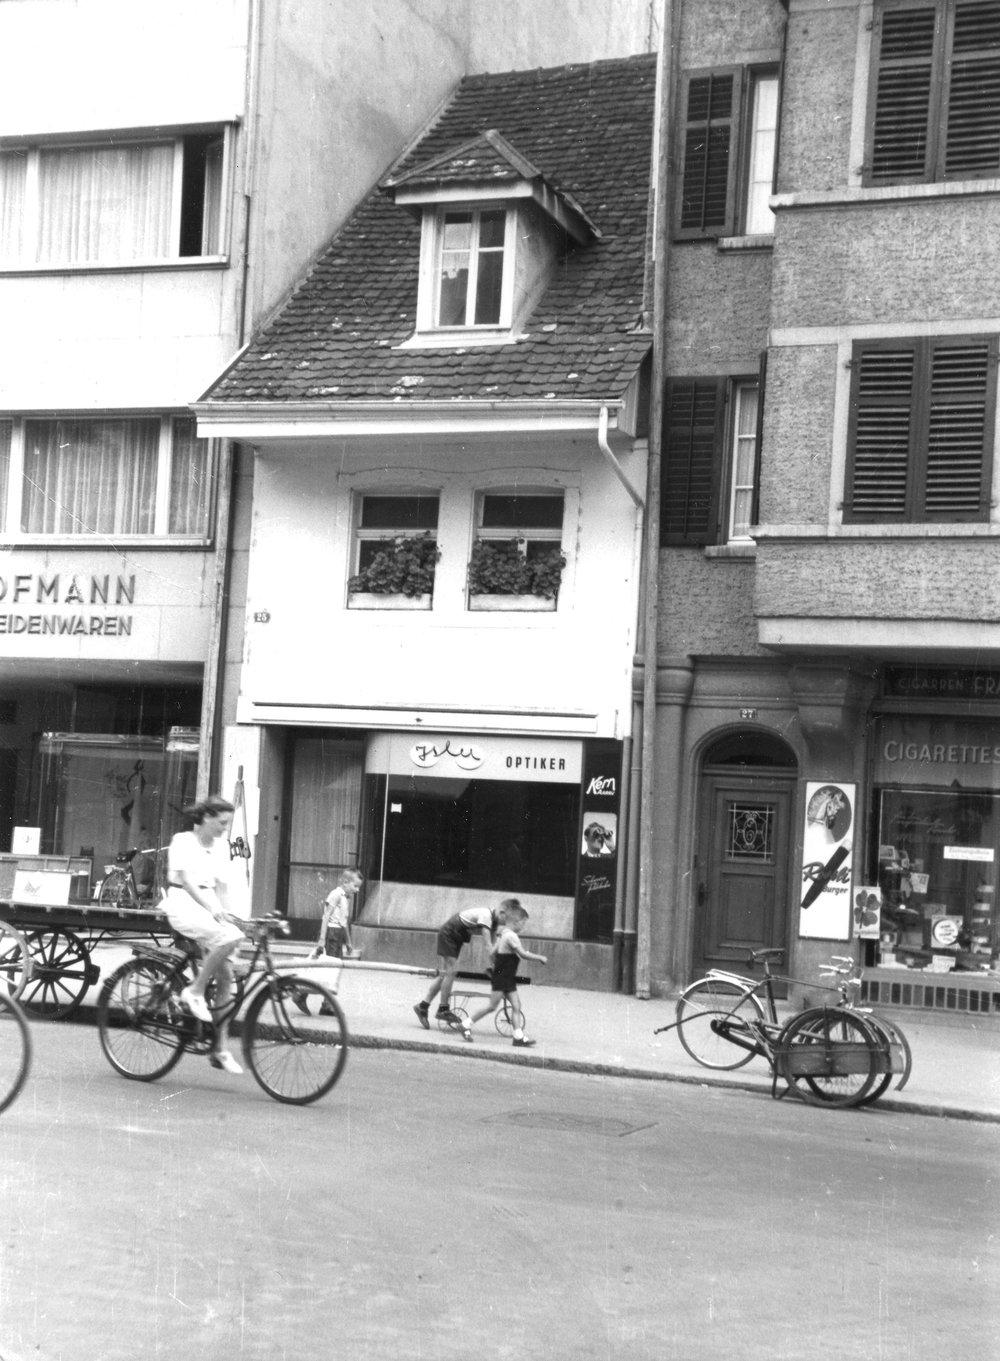 Isler-Optik-Geschichte-Geschaeft.jpg